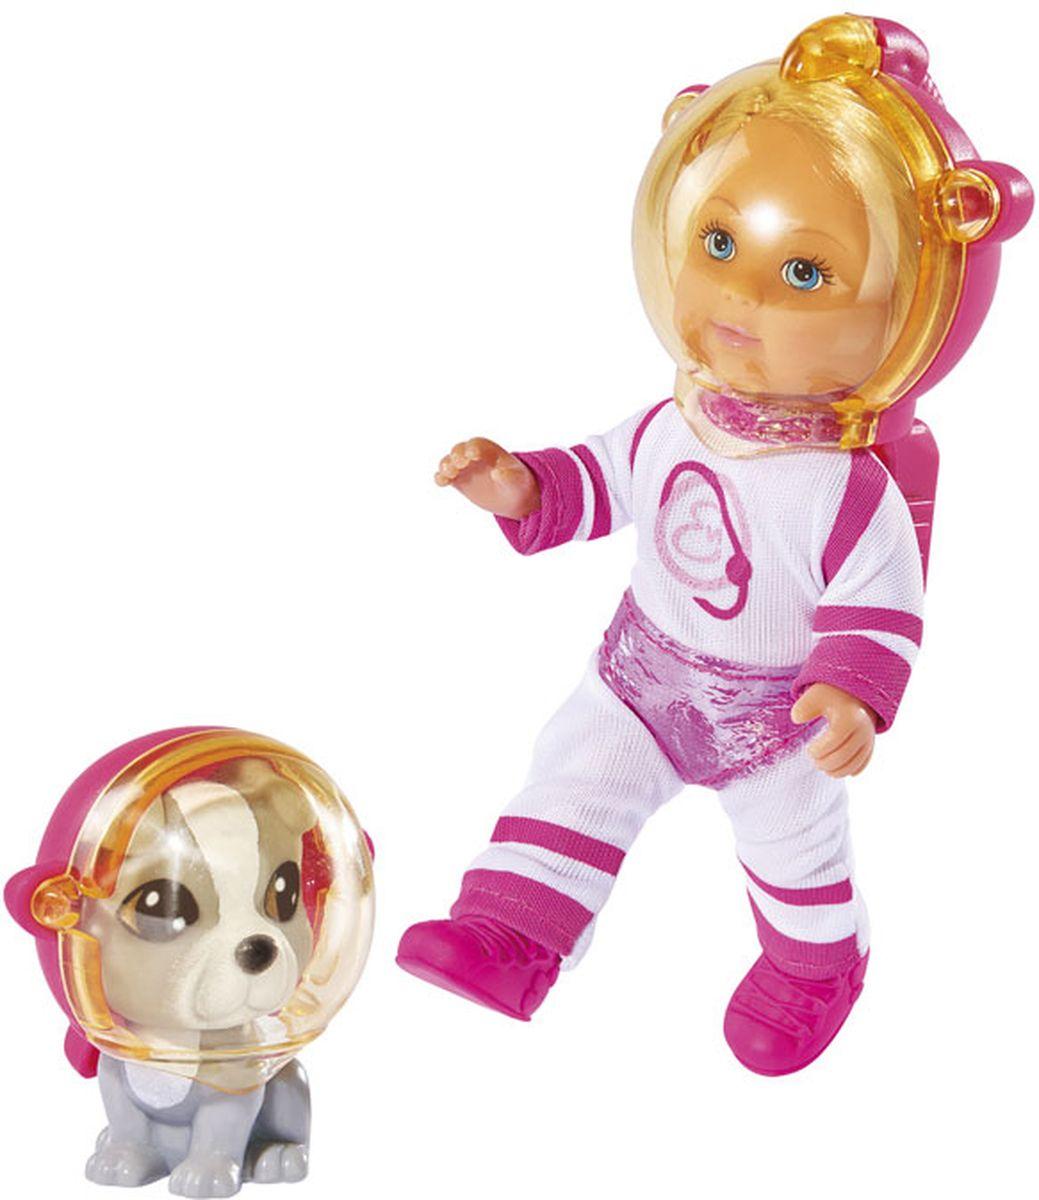 Simba Мини-кукла Еви с собачкой Космонавты5736255Кукла Simba Еви с собачкой. Космонавты порадует любую девочку и надолго увлечет ее. В комплект входит куколка Еви и ее питомец, который готов отправиться вместе с хозяйкой в космическое путешествие. Малышка Еви одета в белый комбинезон с розовыми вставками, на ногах у нее - розовые сапожки. Еви и ее питомец в круглых прозрачных шлемах для выхода в открытый космос. Руки, ноги и голова куклы подвижны, благодаря чему ей можно придавать разнообразные позы. Игры с куклой способствуют эмоциональному развитию, помогают формировать воображение и художественный вкус, а также разовьют в вашей малышке чувство ответственности и заботы. Великолепное качество исполнения делают эту куколку чудесным подарком к любому празднику.